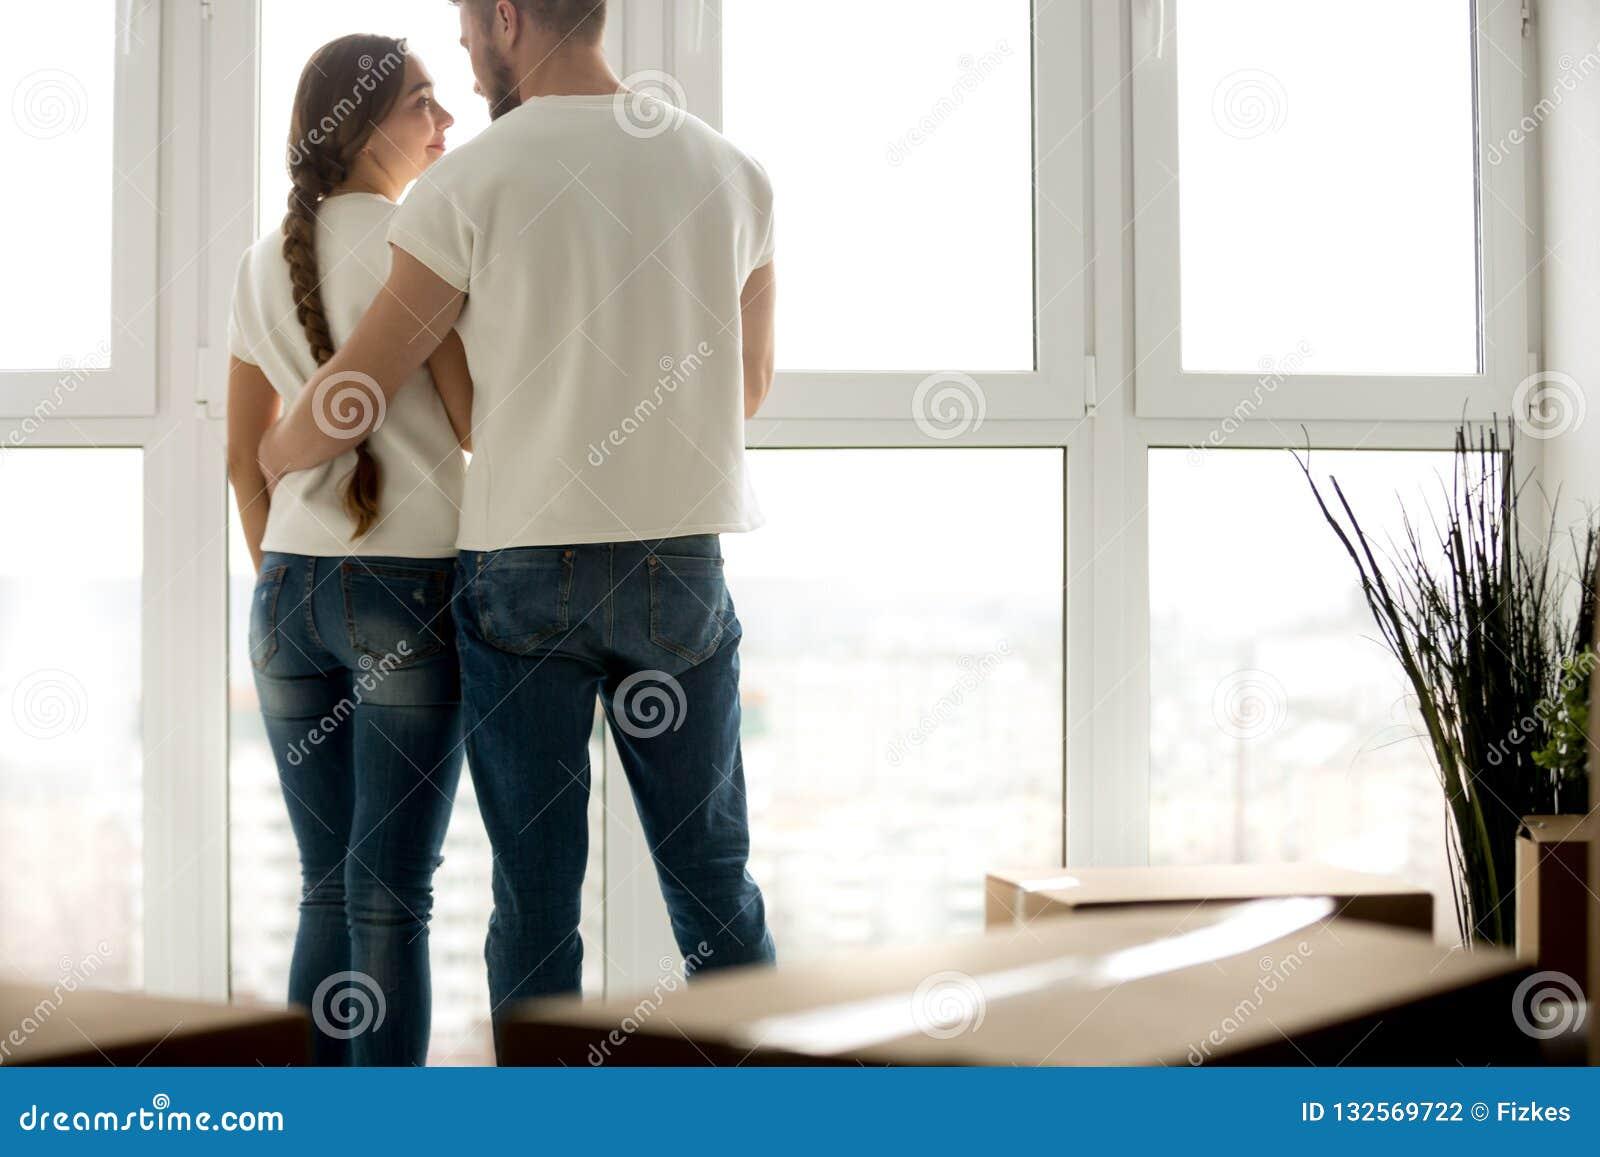 Jong paar die in nieuwe flat met ingepakte bezittingen omhelzen